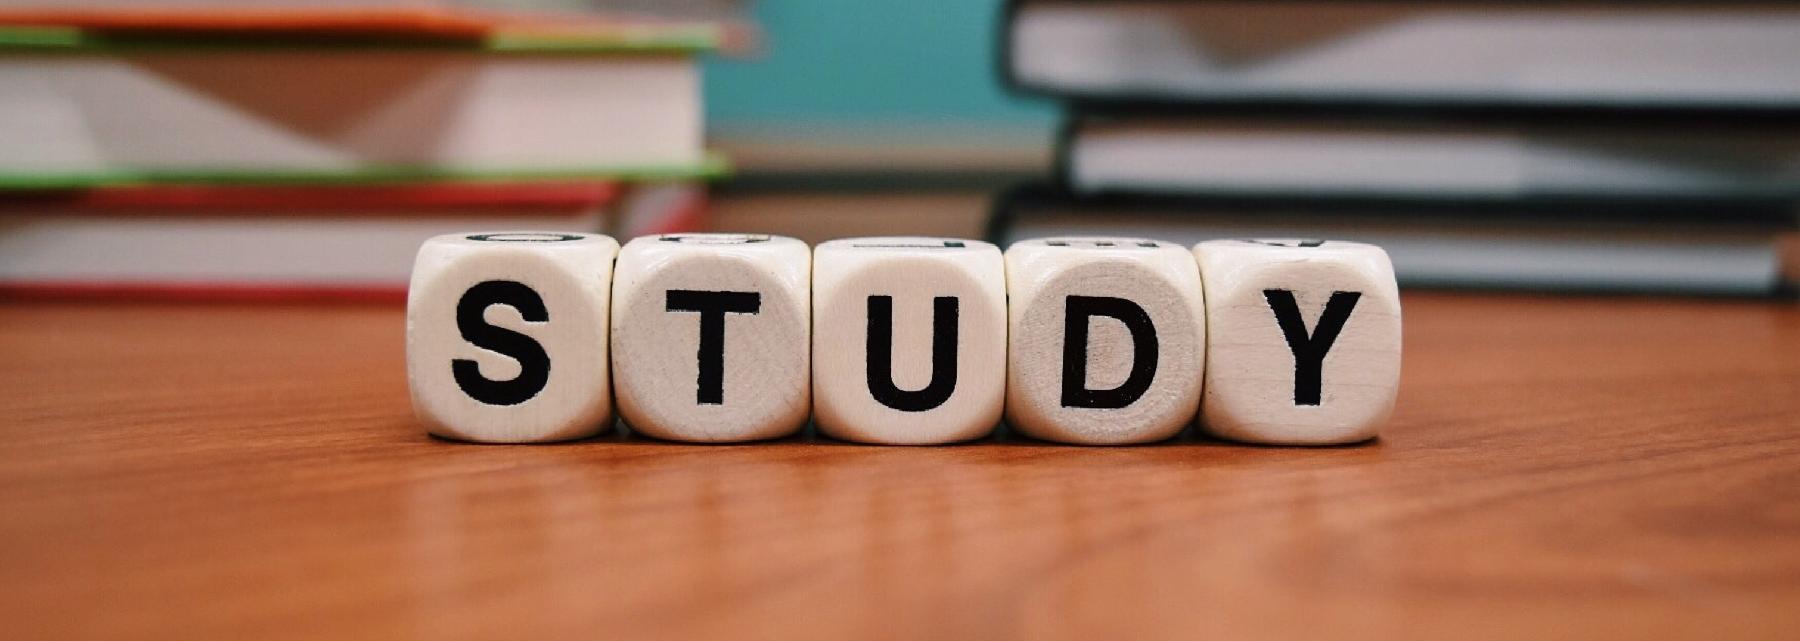 Polito Calendario Cronologico 2020.Guida Dello Studente 2019 2020 Lezioni Ed Esami